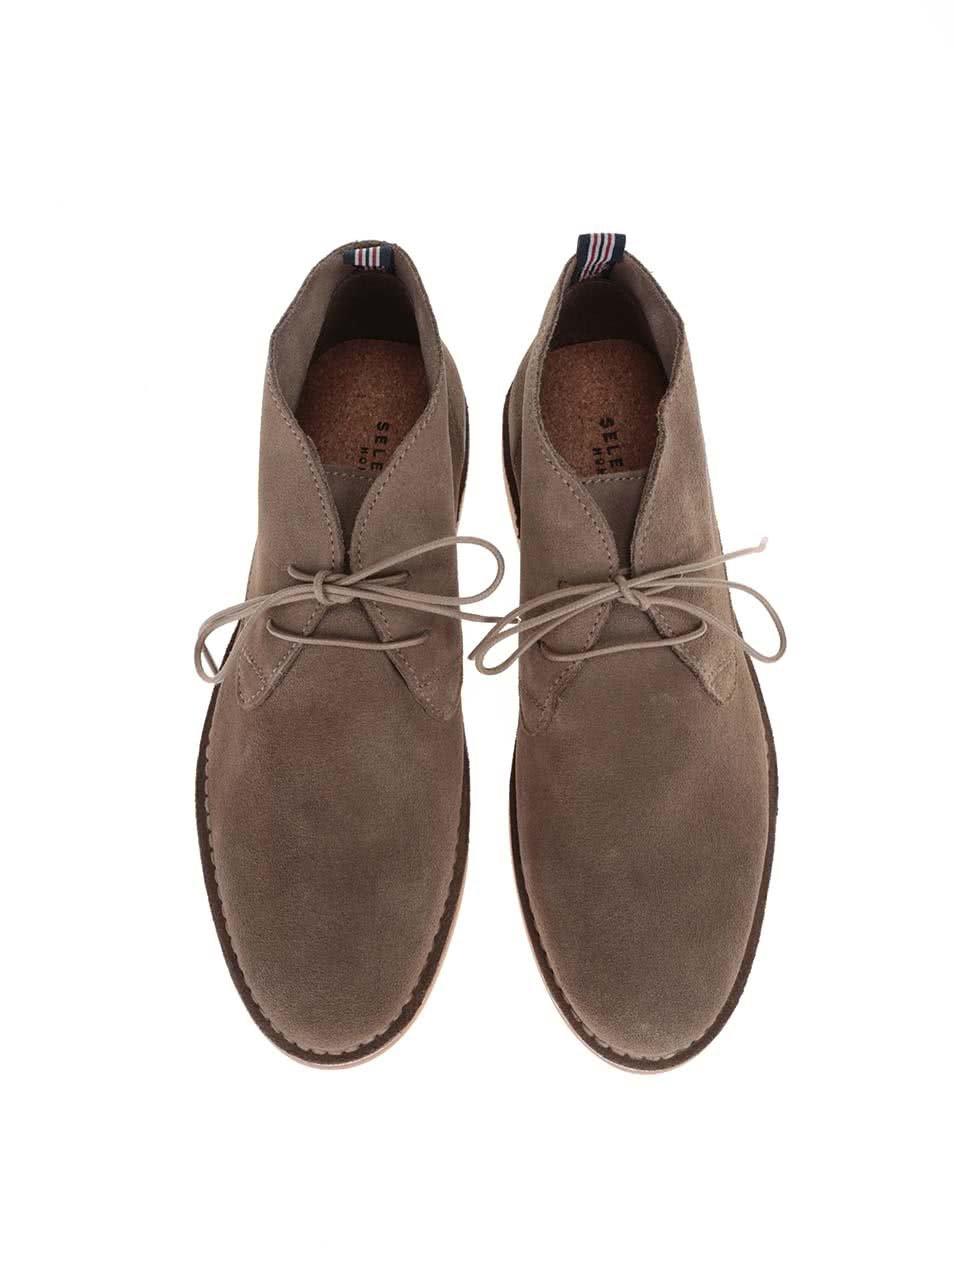 80acb80d1c04 Svetlobéžové kožené členkové topánky Selected Royce ...